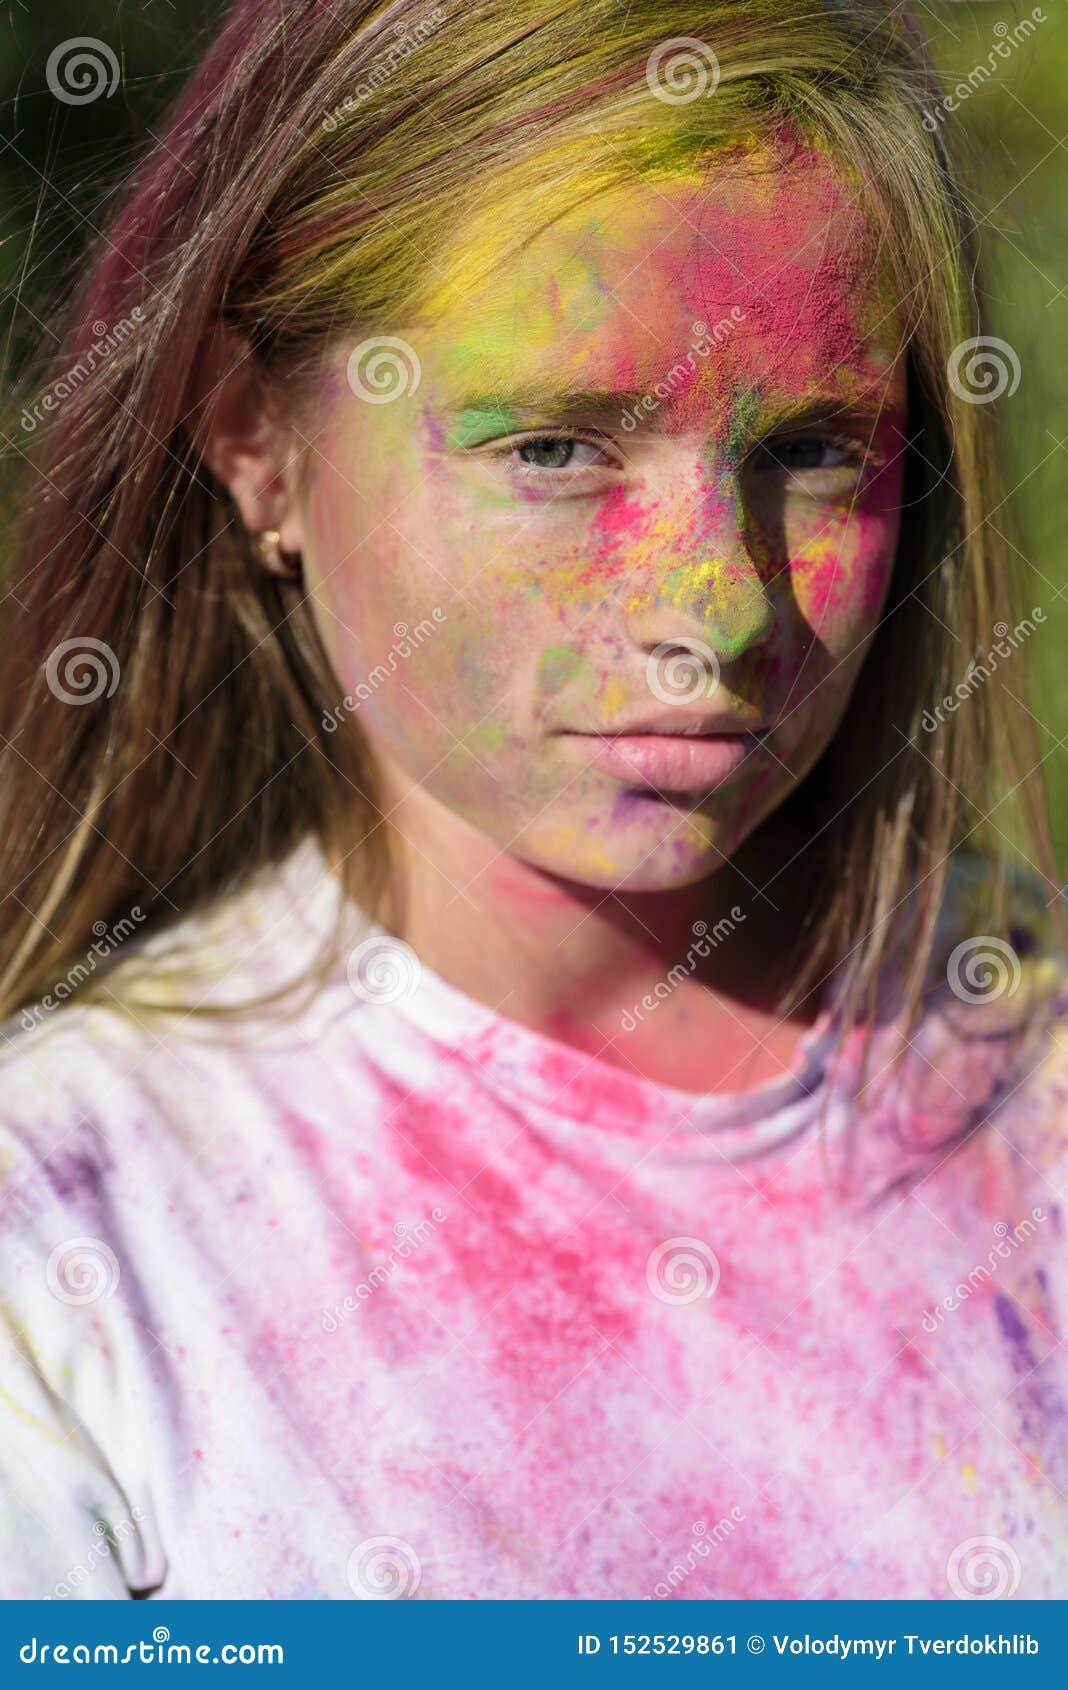 Positief en vrolijk de partij van de manierjeugd De optimistenlente vibes kind met creatief lichaamsart. kleurrijke neonverf